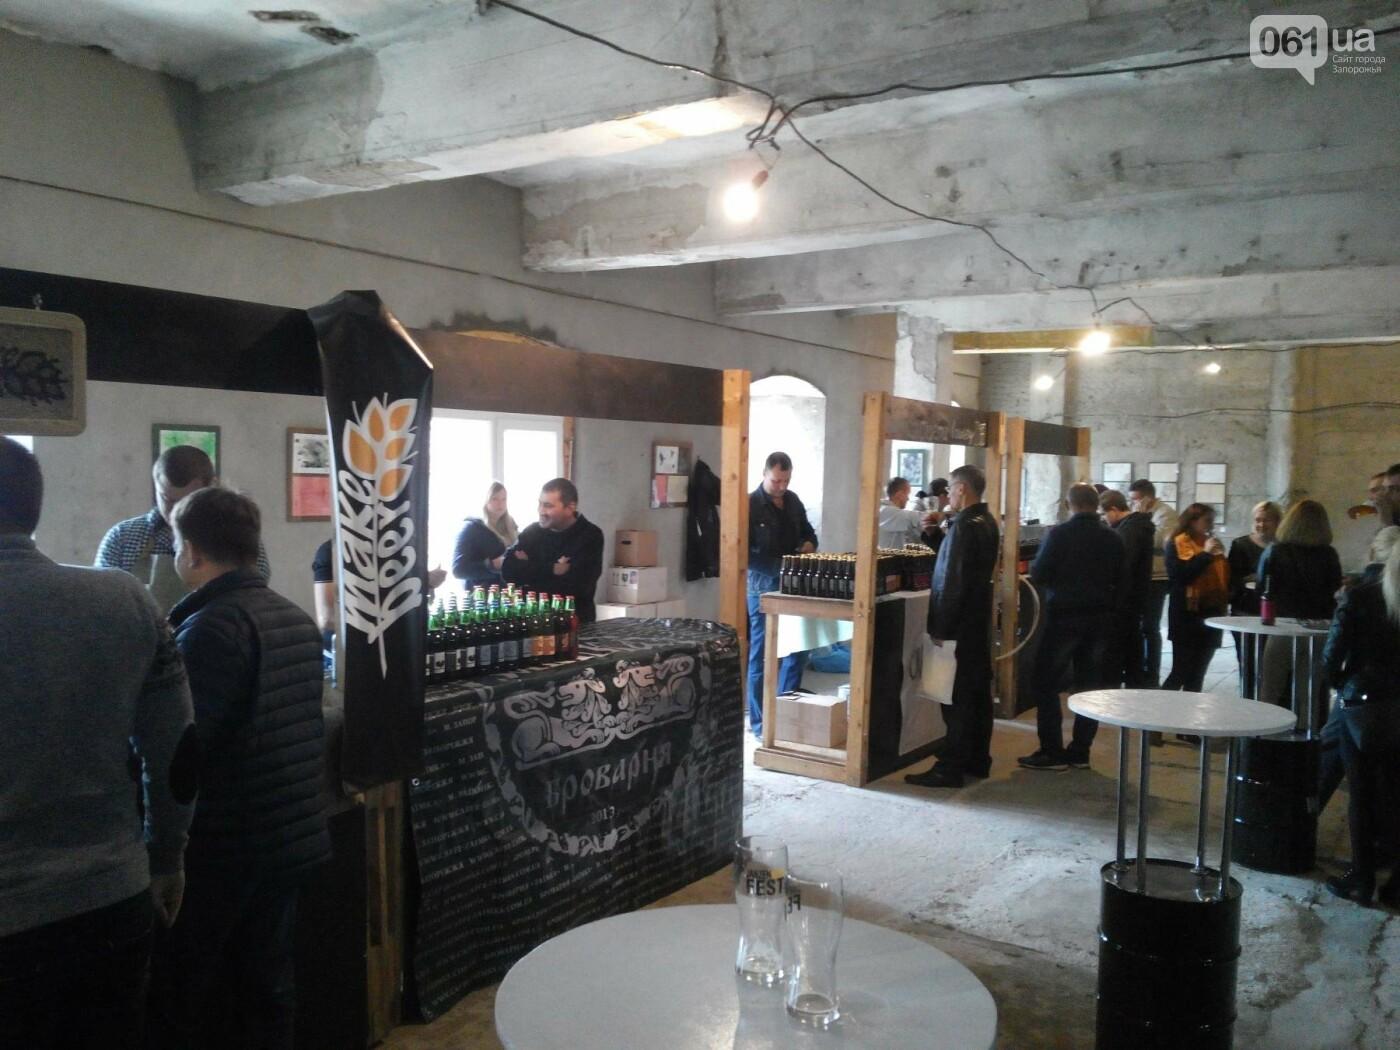 Как в Запорожье проходит фестиваль крафтового пива, - ФОТОРЕПОРТАЖ , фото-1